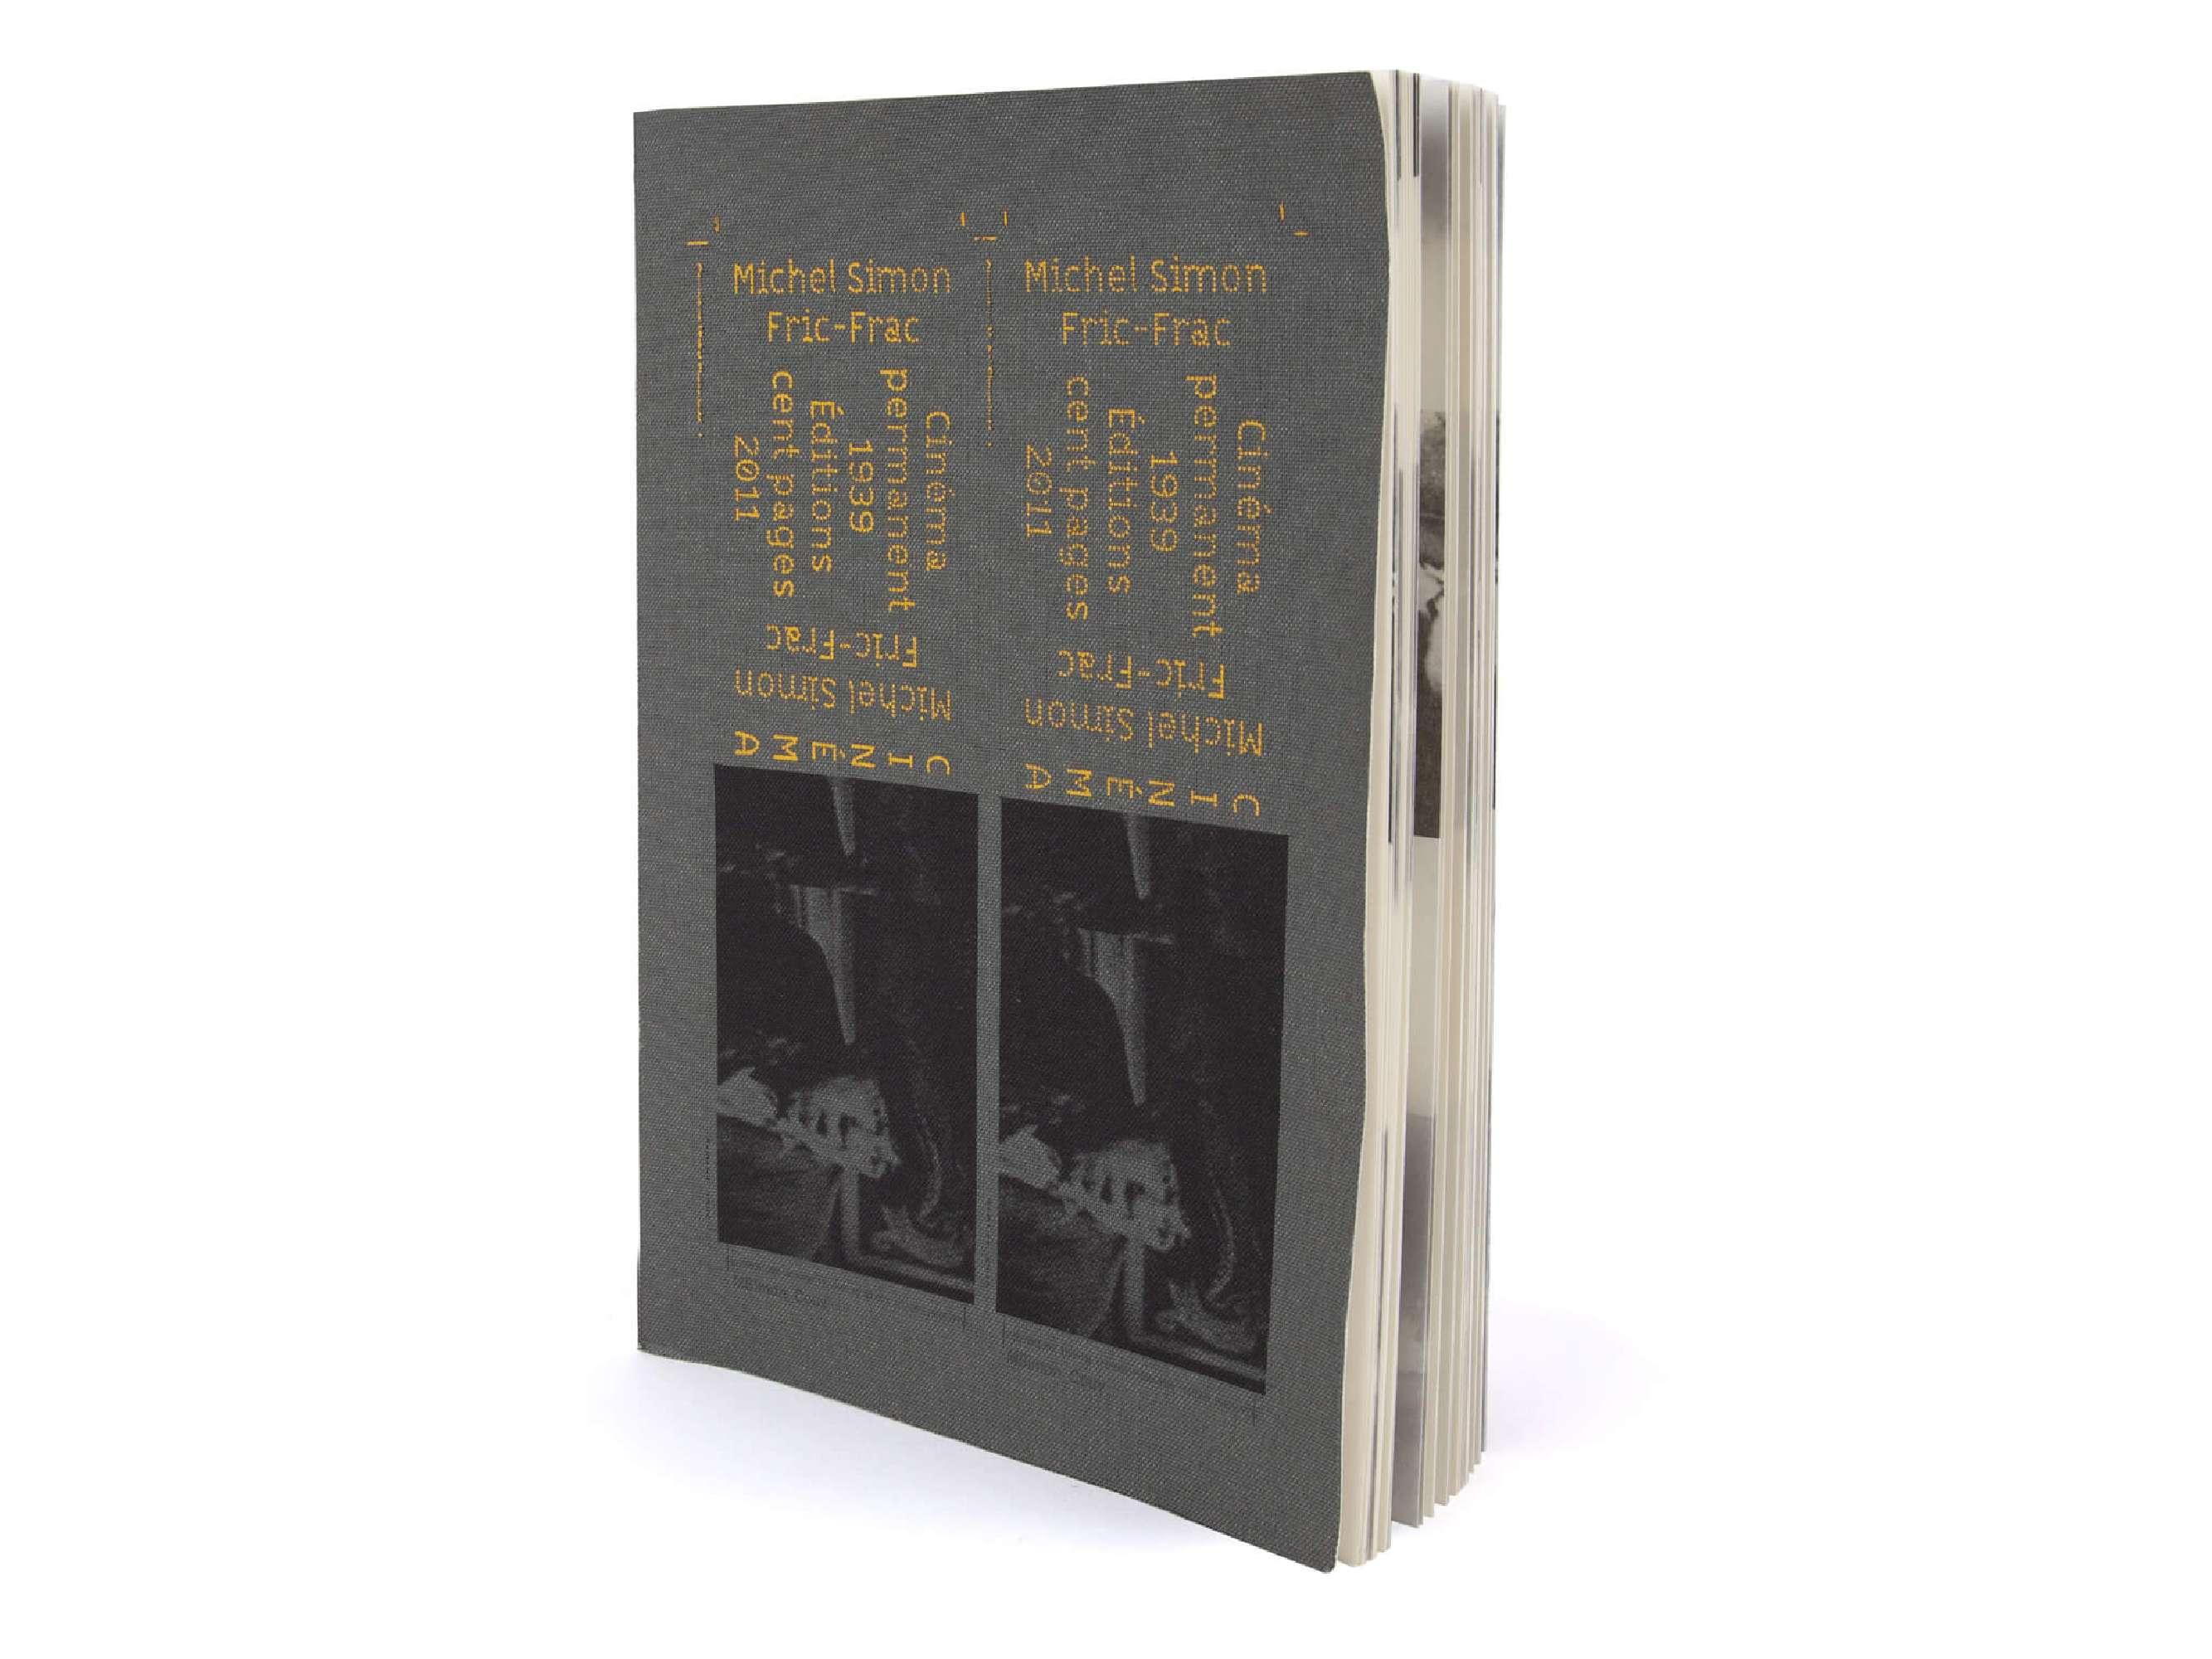 un carnet graphique fabriqué artisanalement par Olivier Gadet à partir du livre objet fric-frac des éditions Cent pages